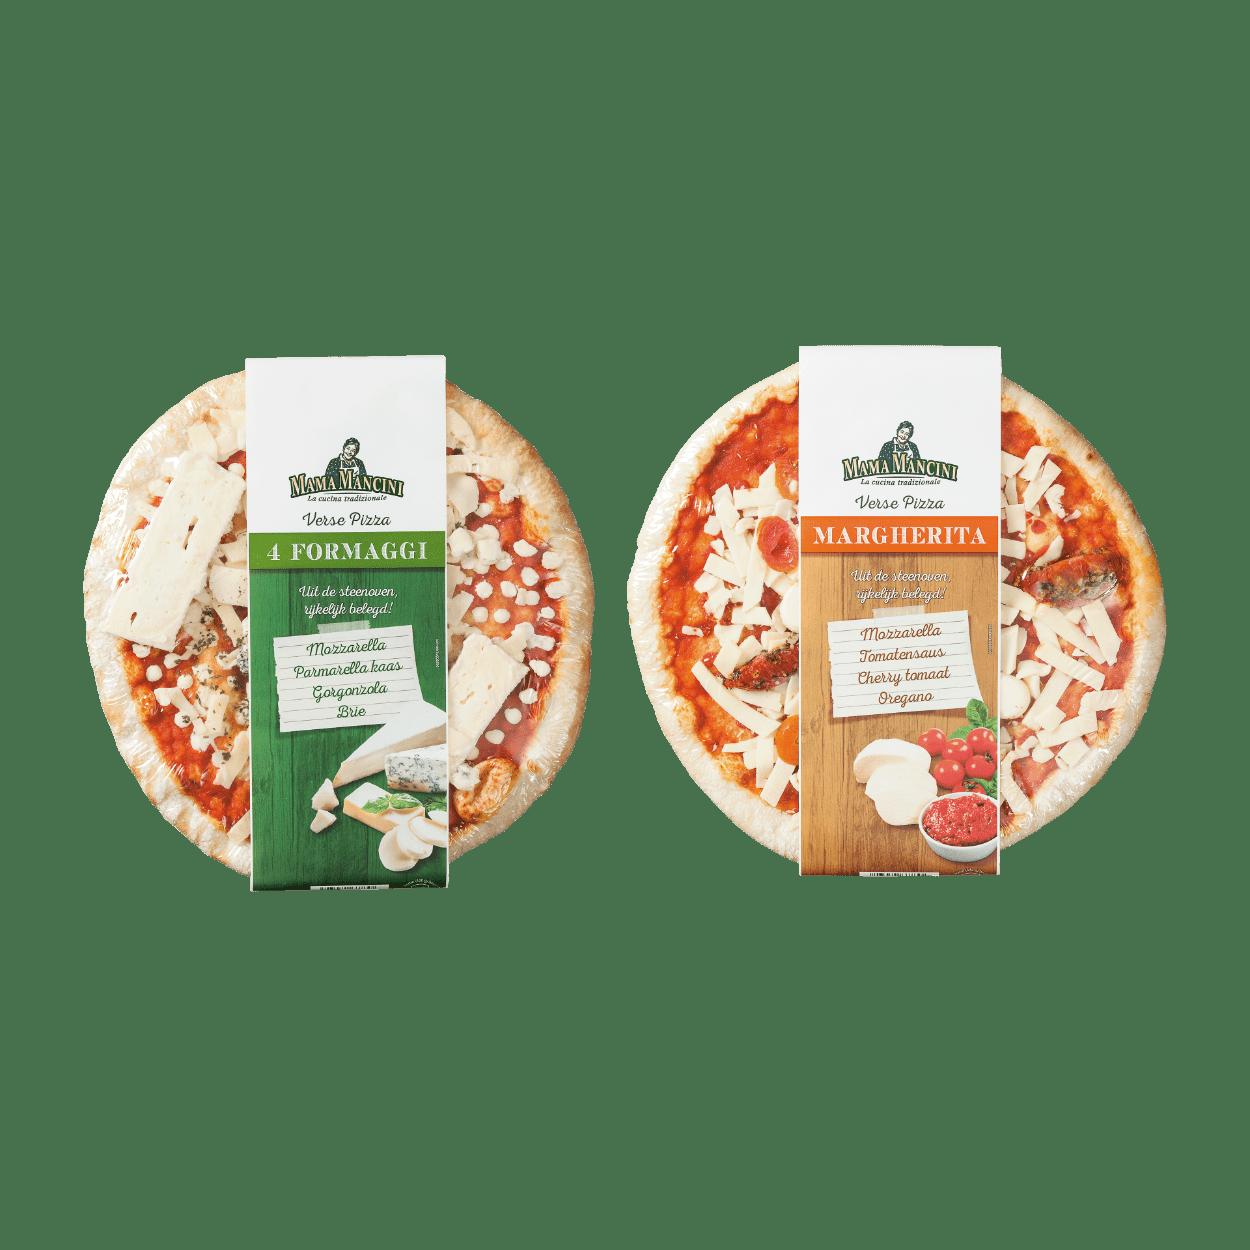 16 manieren pizza is beter dan dating